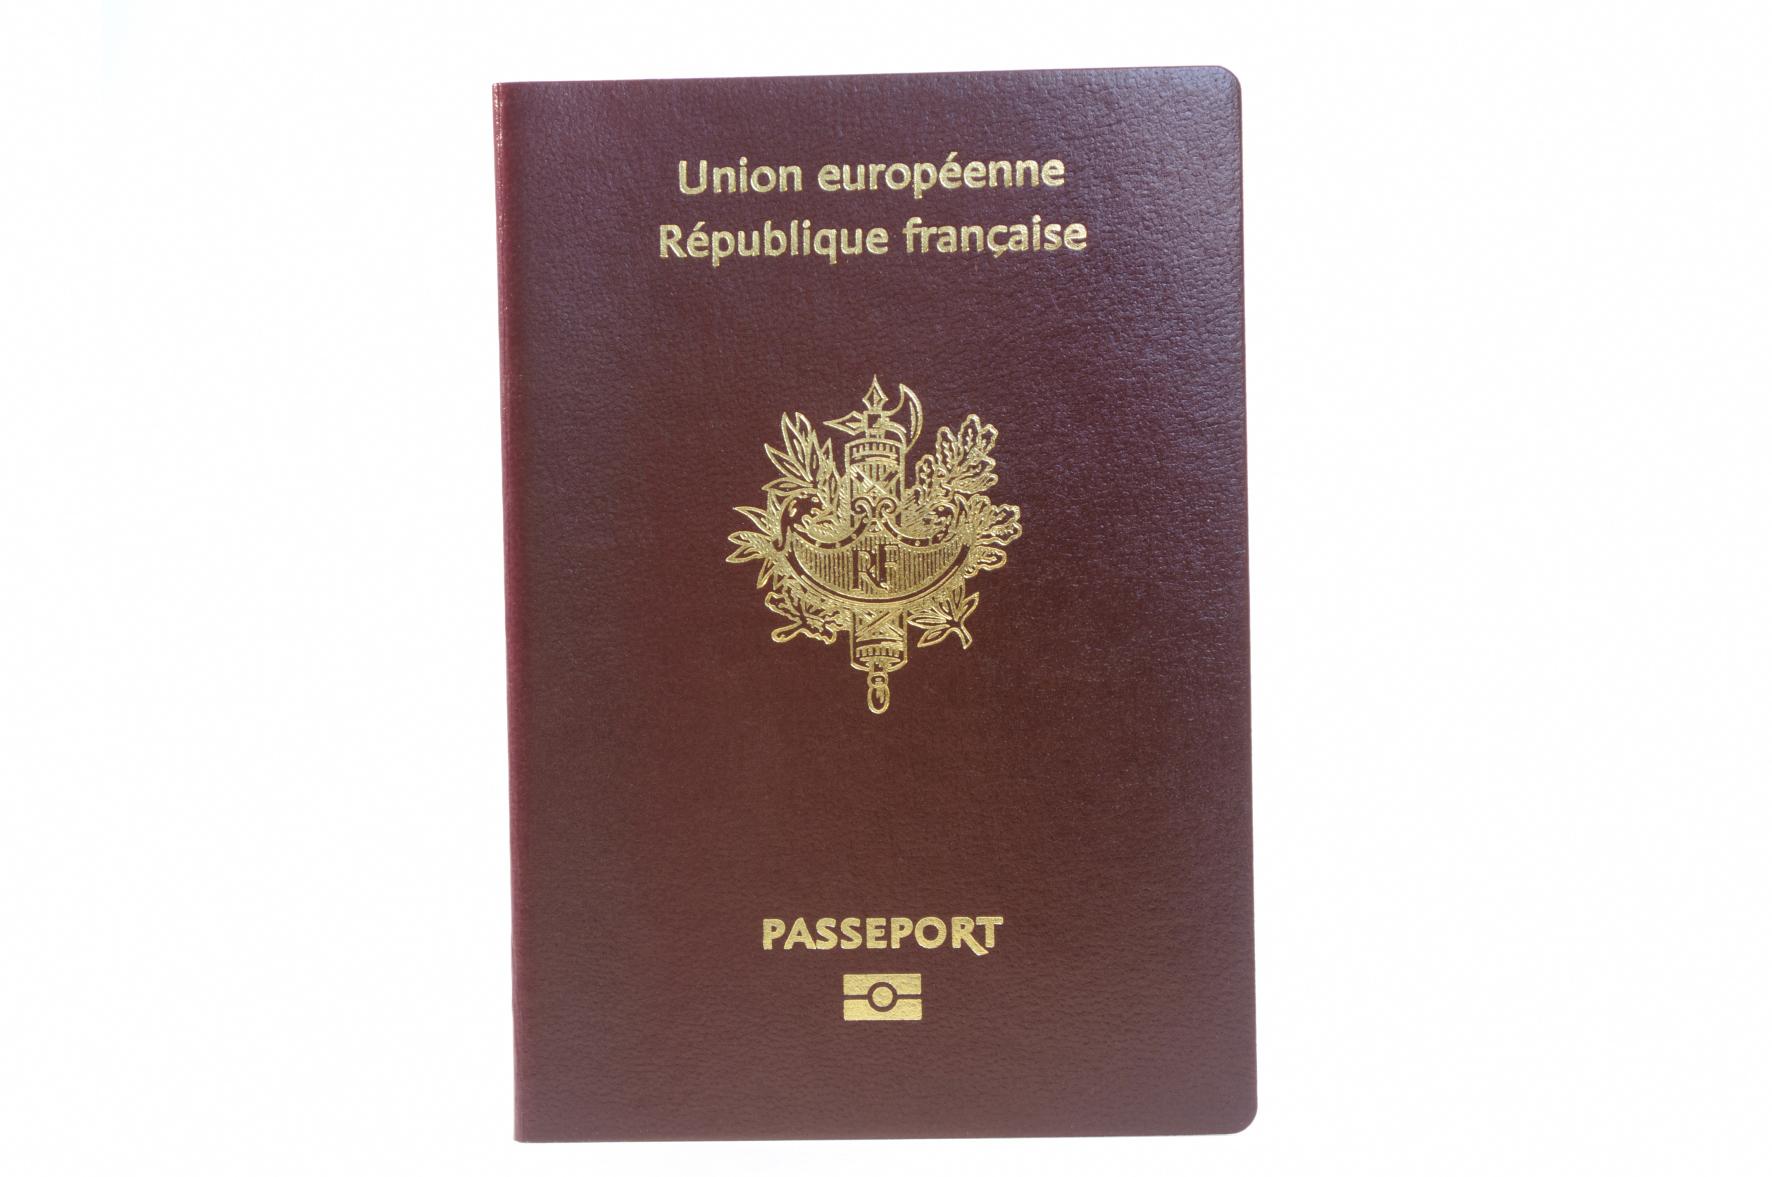 Passeport u carte d identité les pièces u saint martin du var